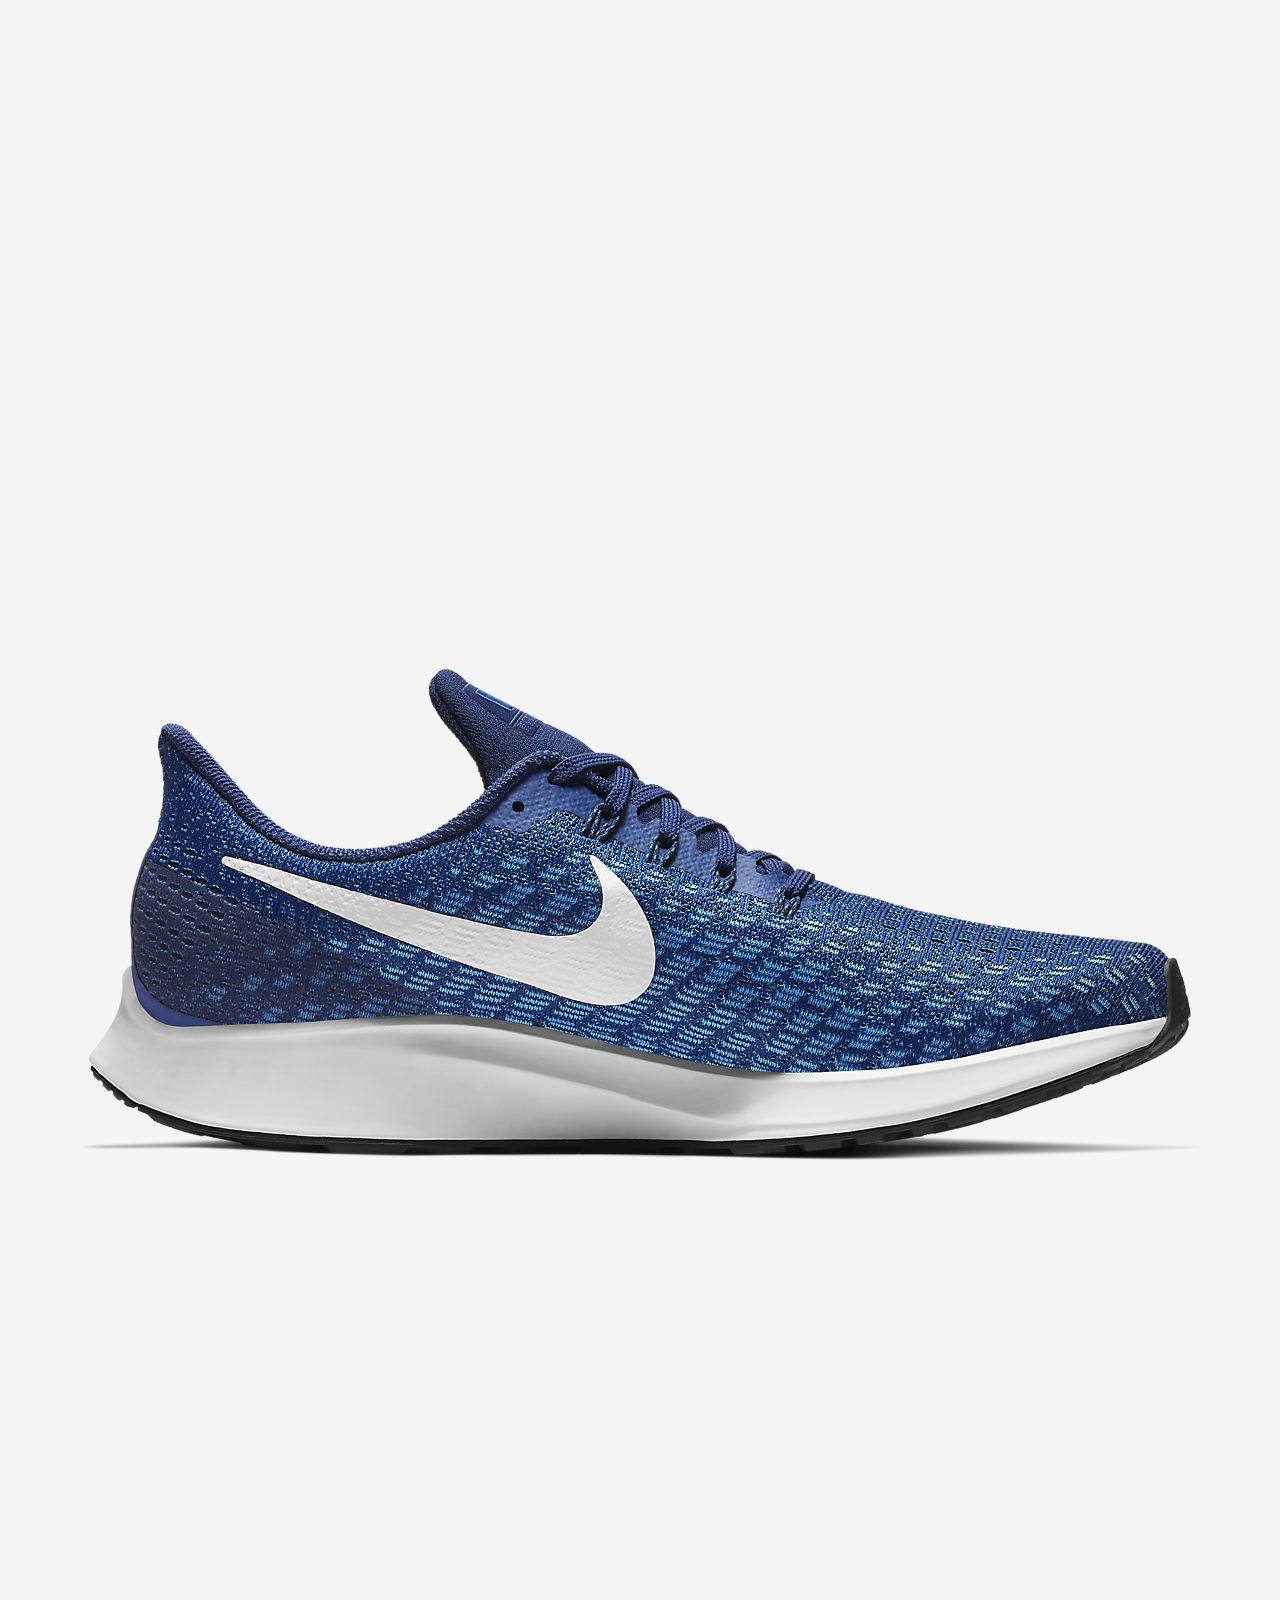 online store b8b87 9a81e ... Calzado de running para hombre Nike Air Zoom Pegasus 35